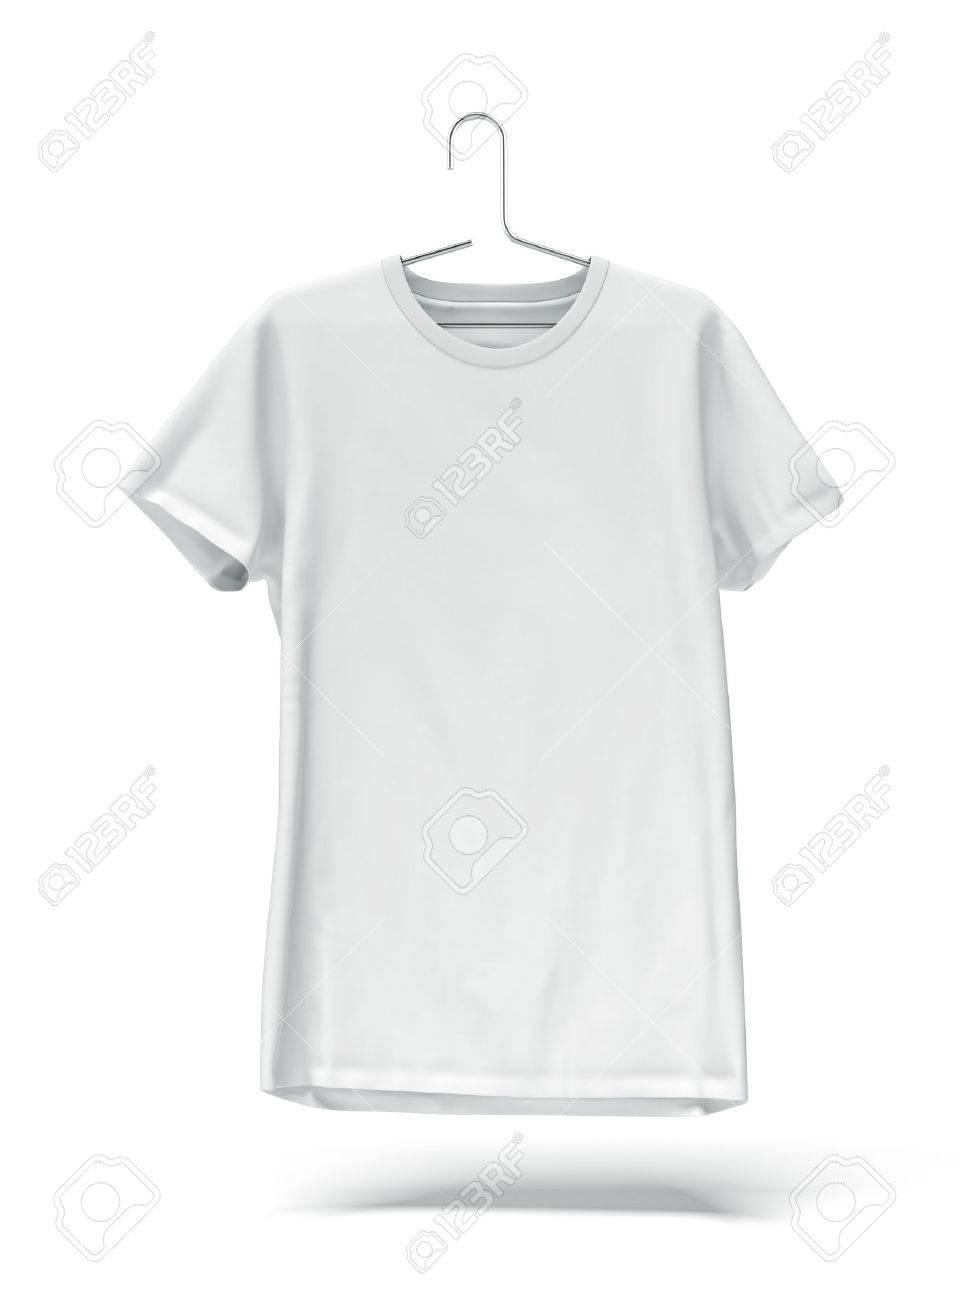 white tee shirt on hanger